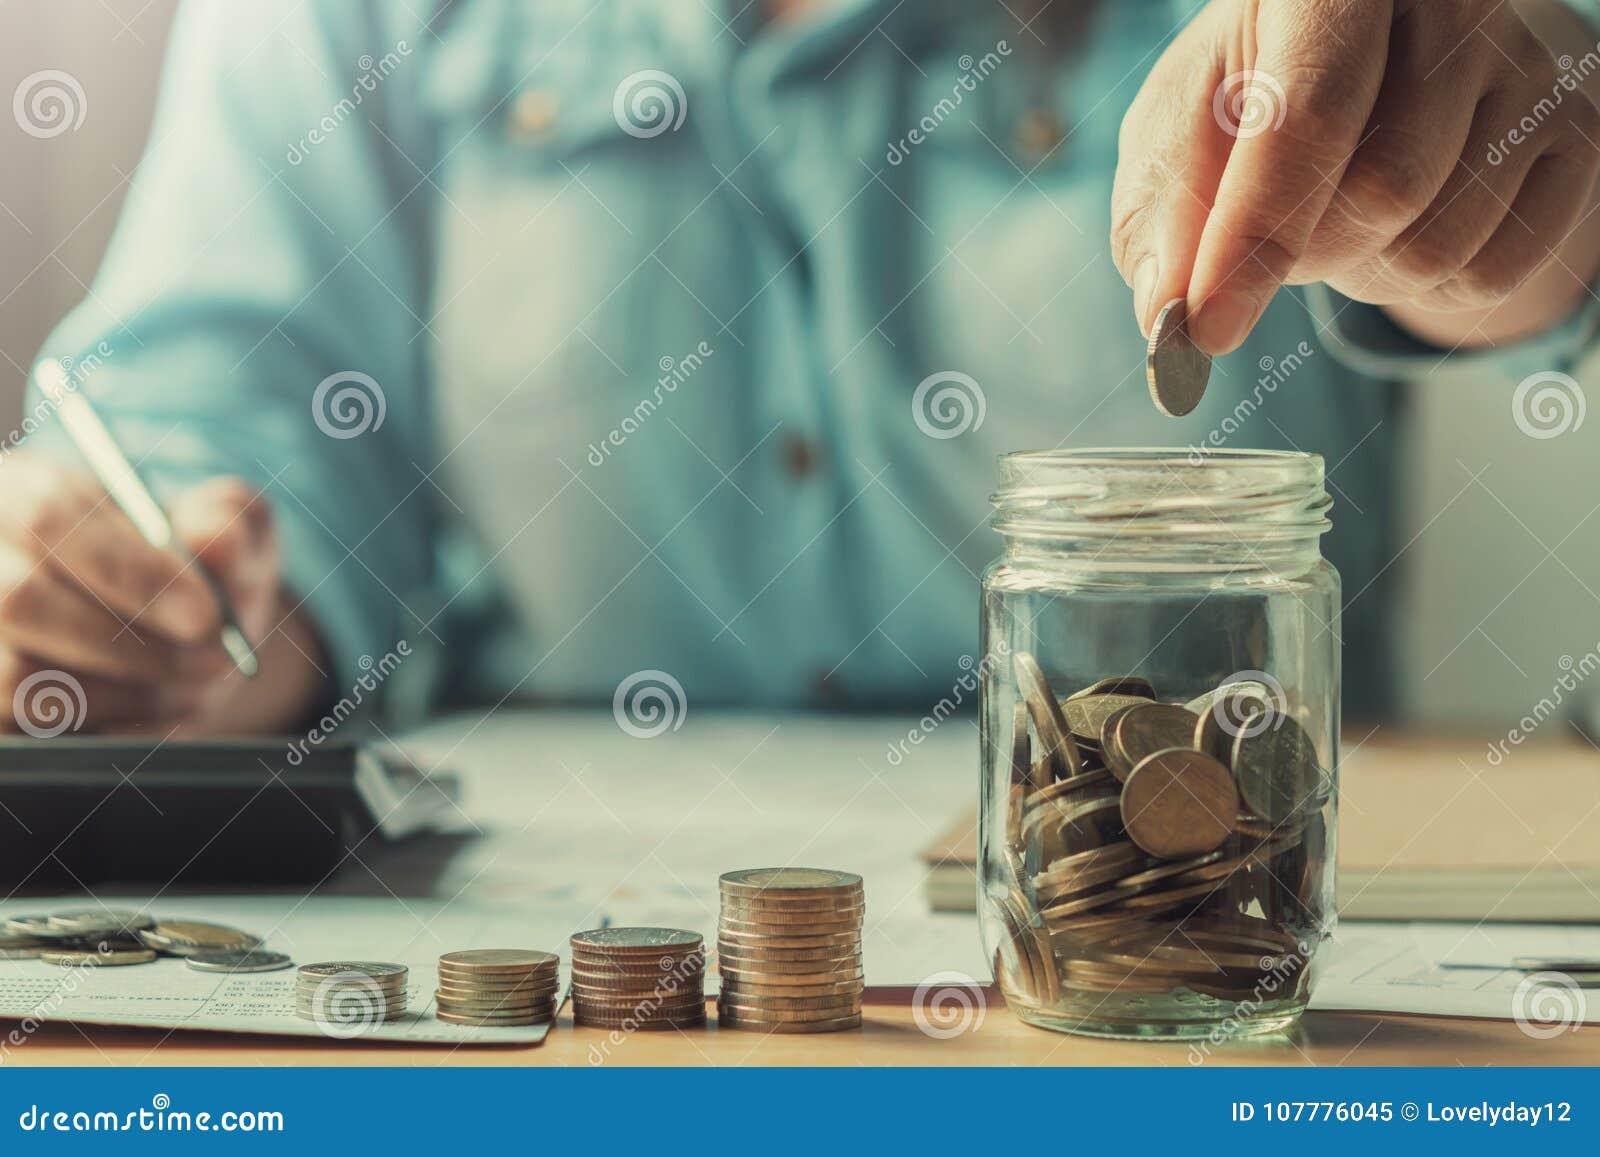 Zamyka w górę ręk biznesowych kobiet ratuje pieniądze pojęcie finanse